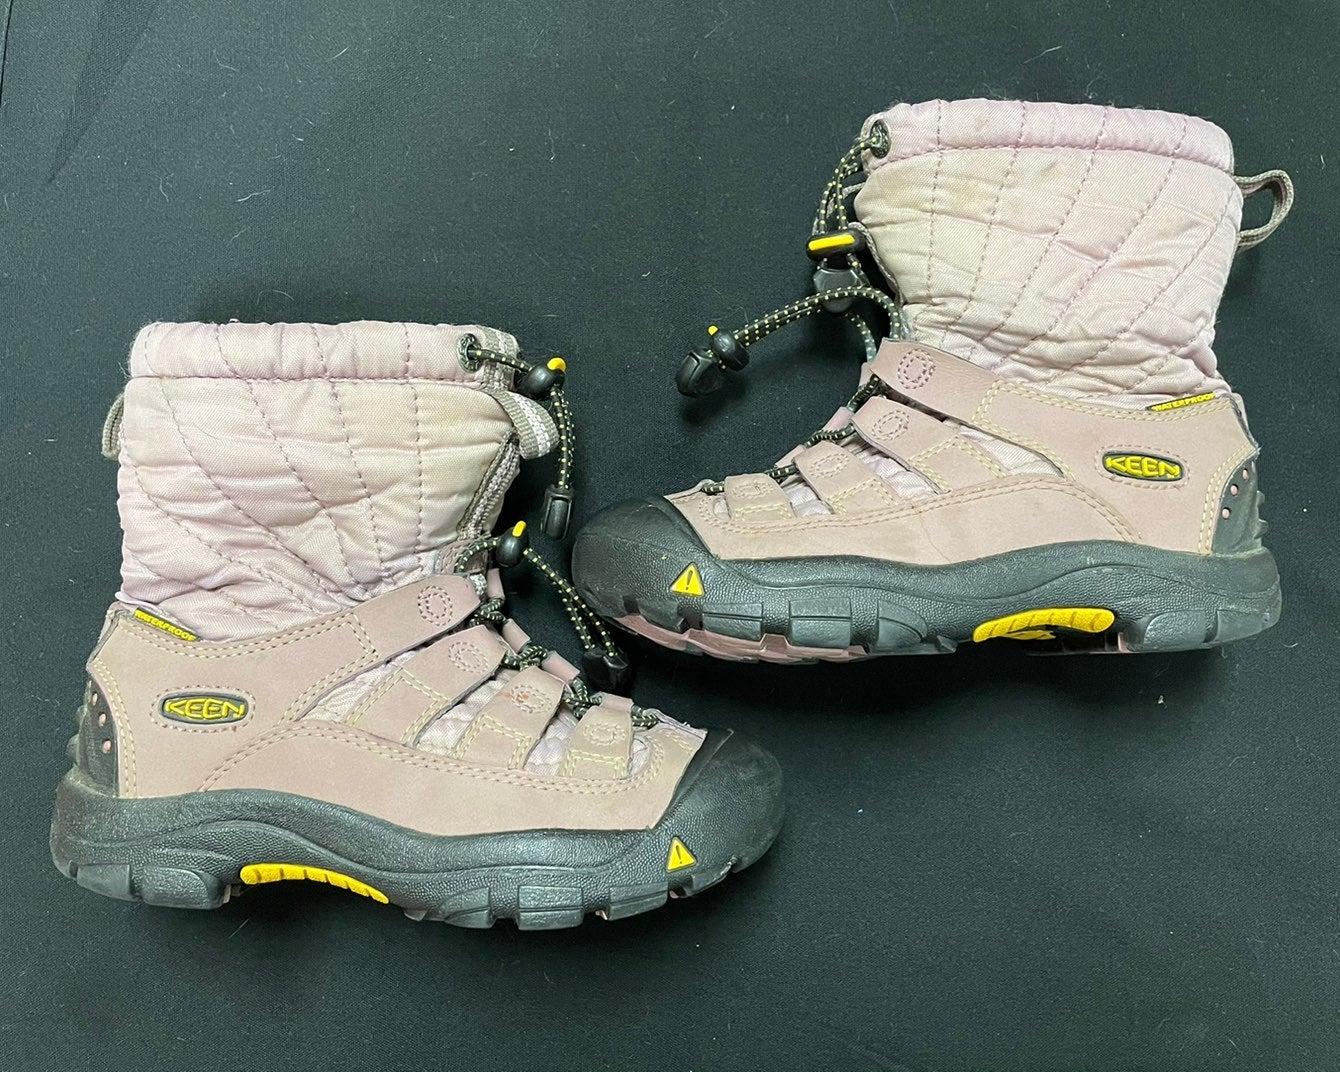 Keen kids size 13 winter boots